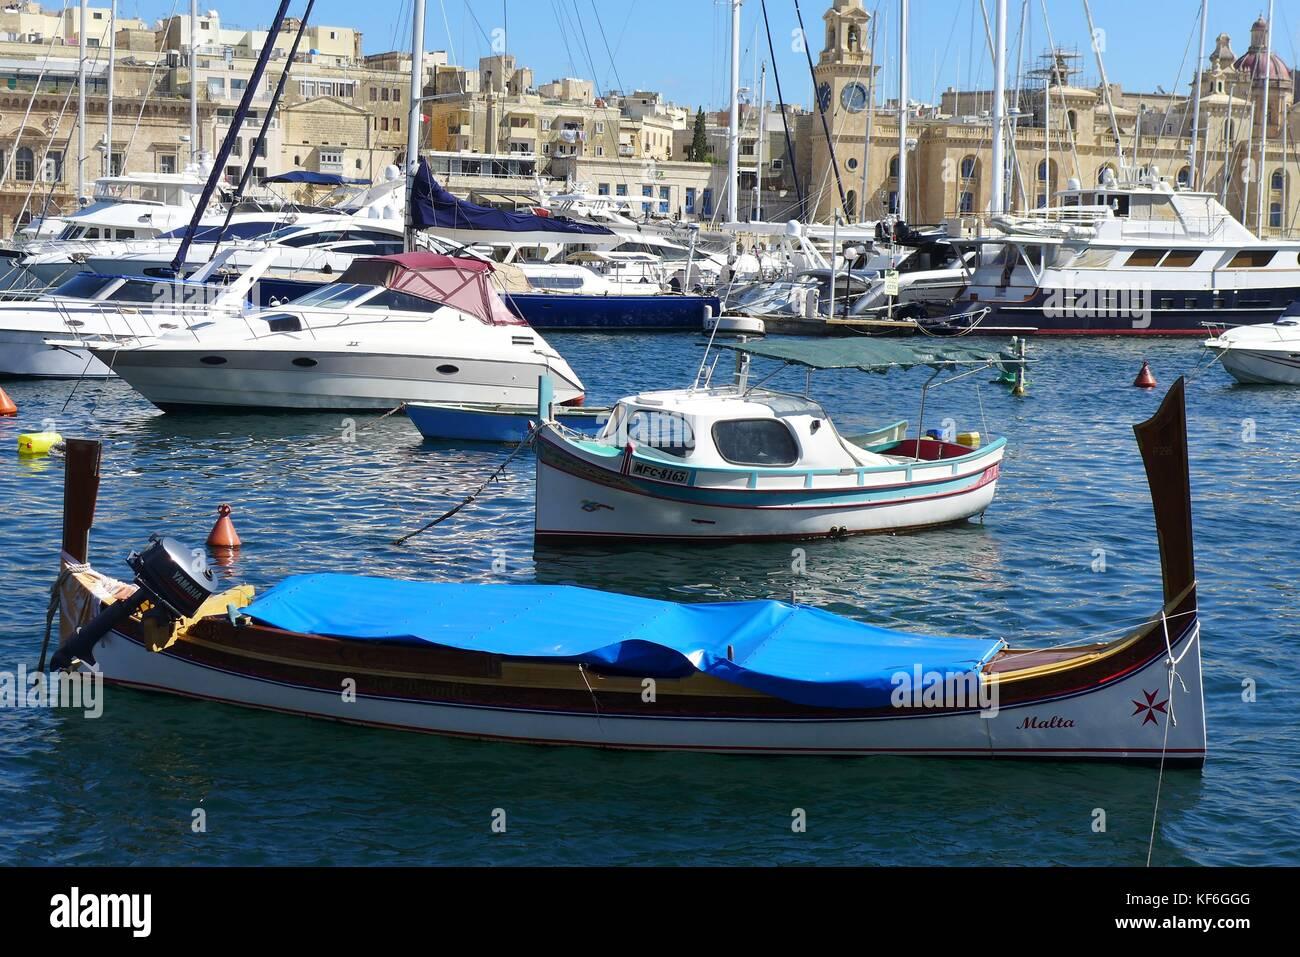 Traditional Maltese wooden fishing boats.anchored at Marsaxlokk, Birzebbuga, Senglea  & Xlendi, Gozo. Malta. - Stock Image